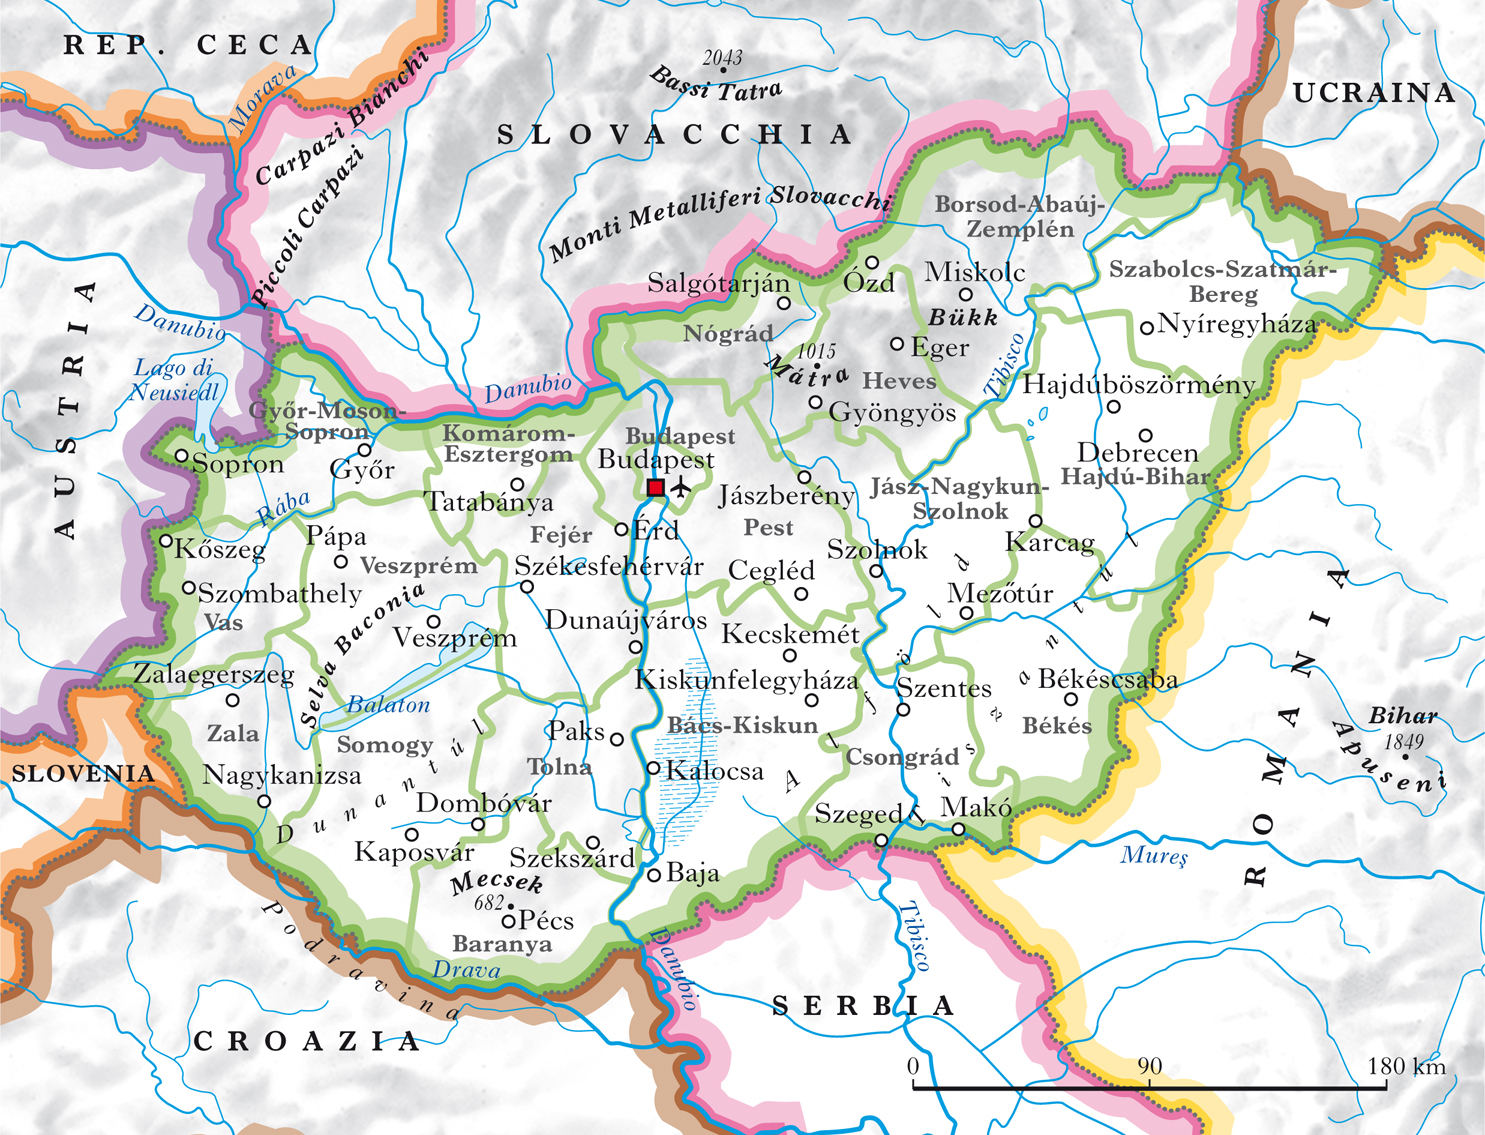 Ungheria In Atlante Geopolitico